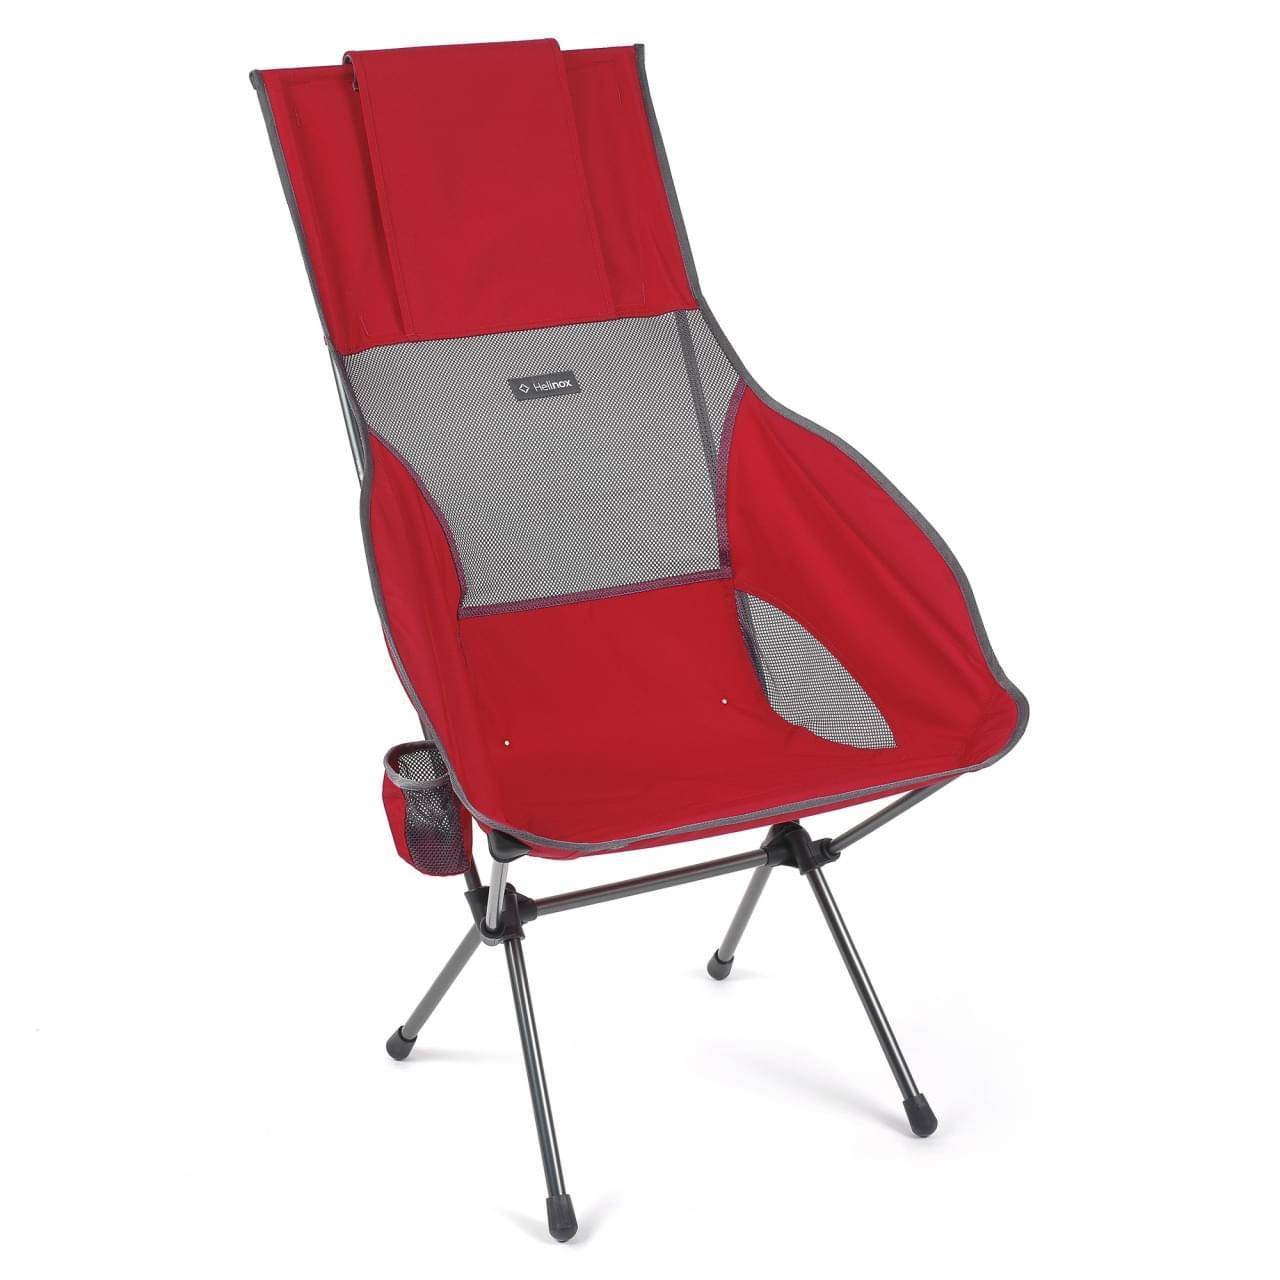 Helinox Savanna Chair Lichtgewicht Stoel Rood